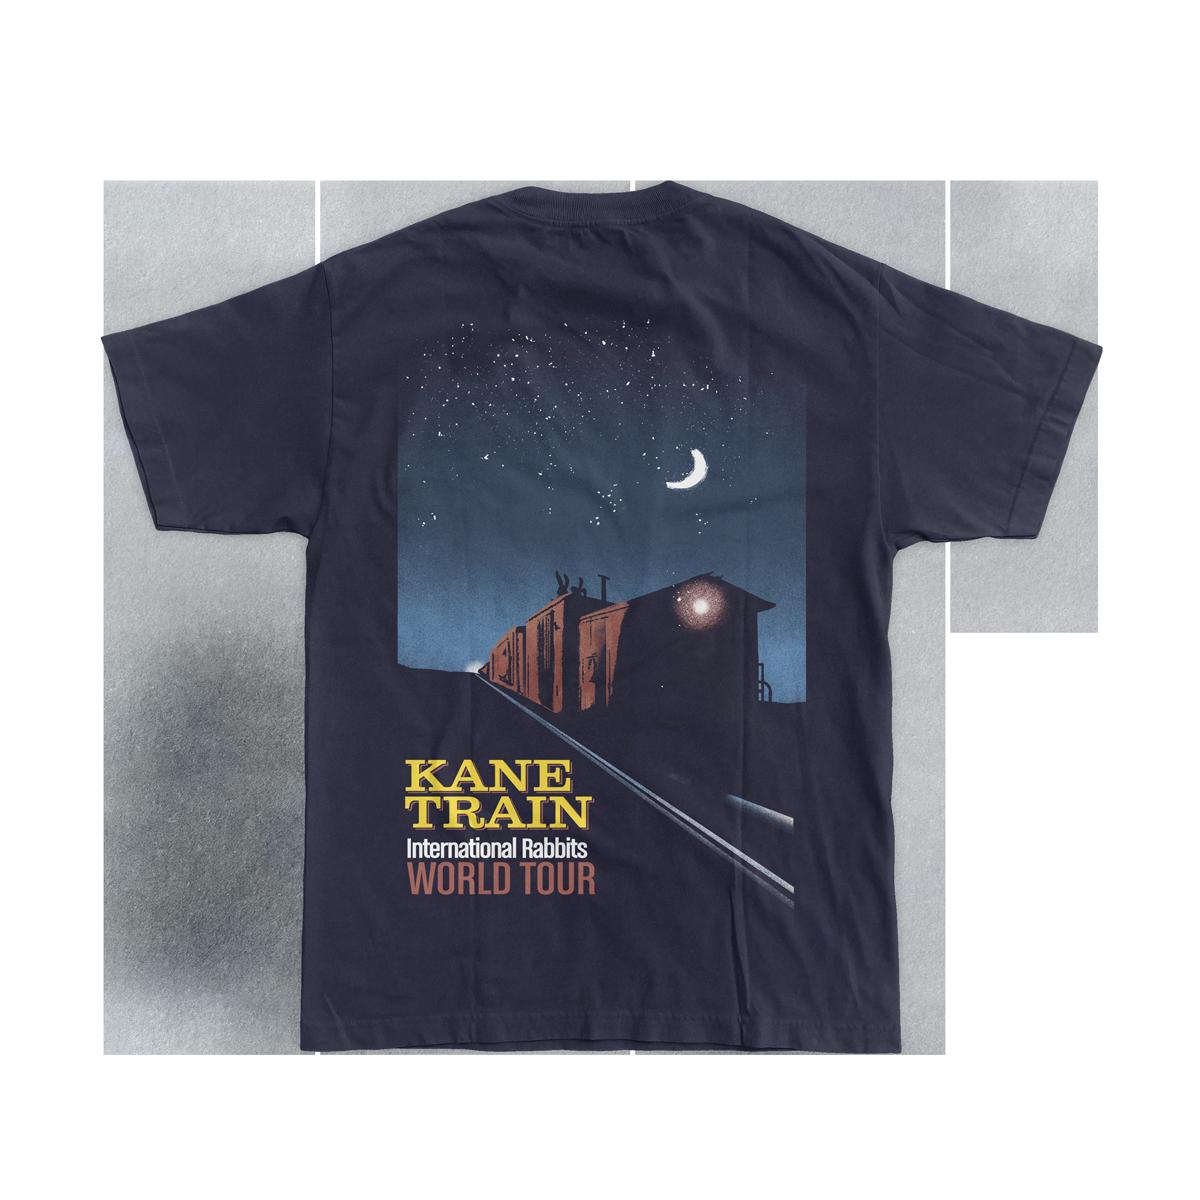 Kane Train Tour Tee